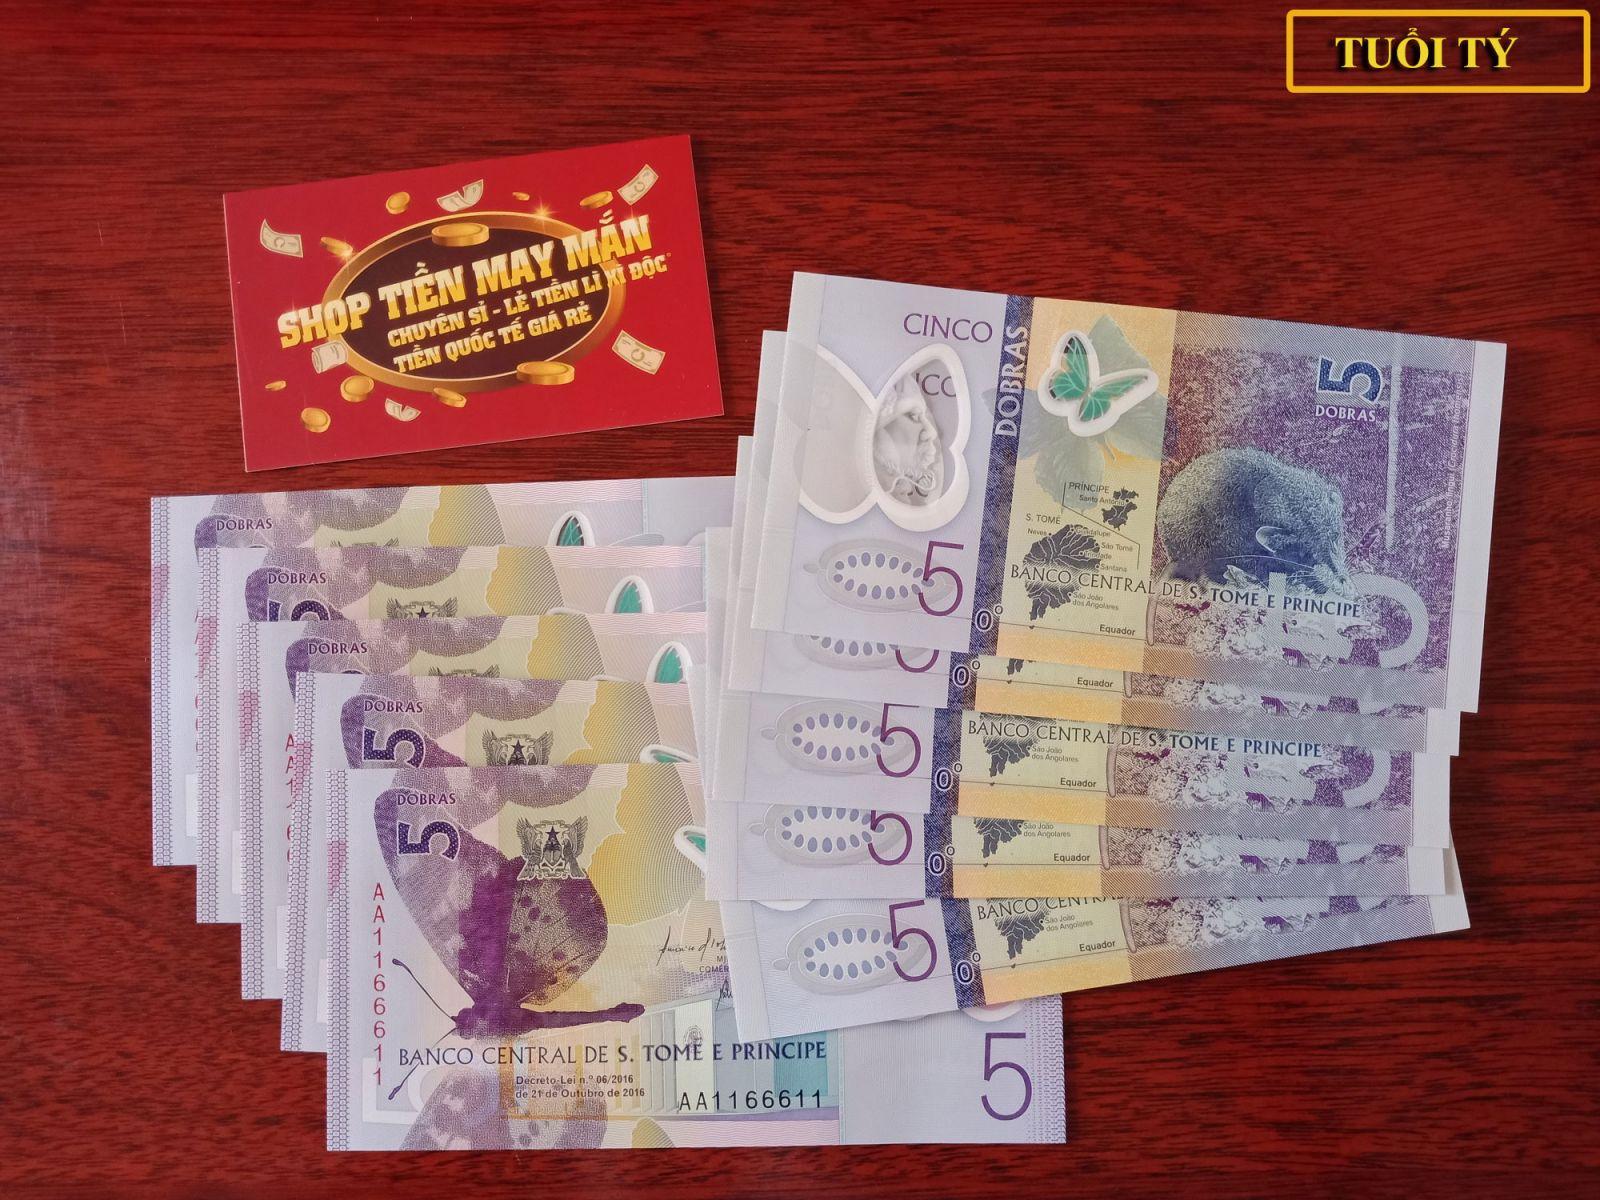 Tiền S.Tome And Principe Hình Con Chuột - Lì Xì Người Tuổi Tý